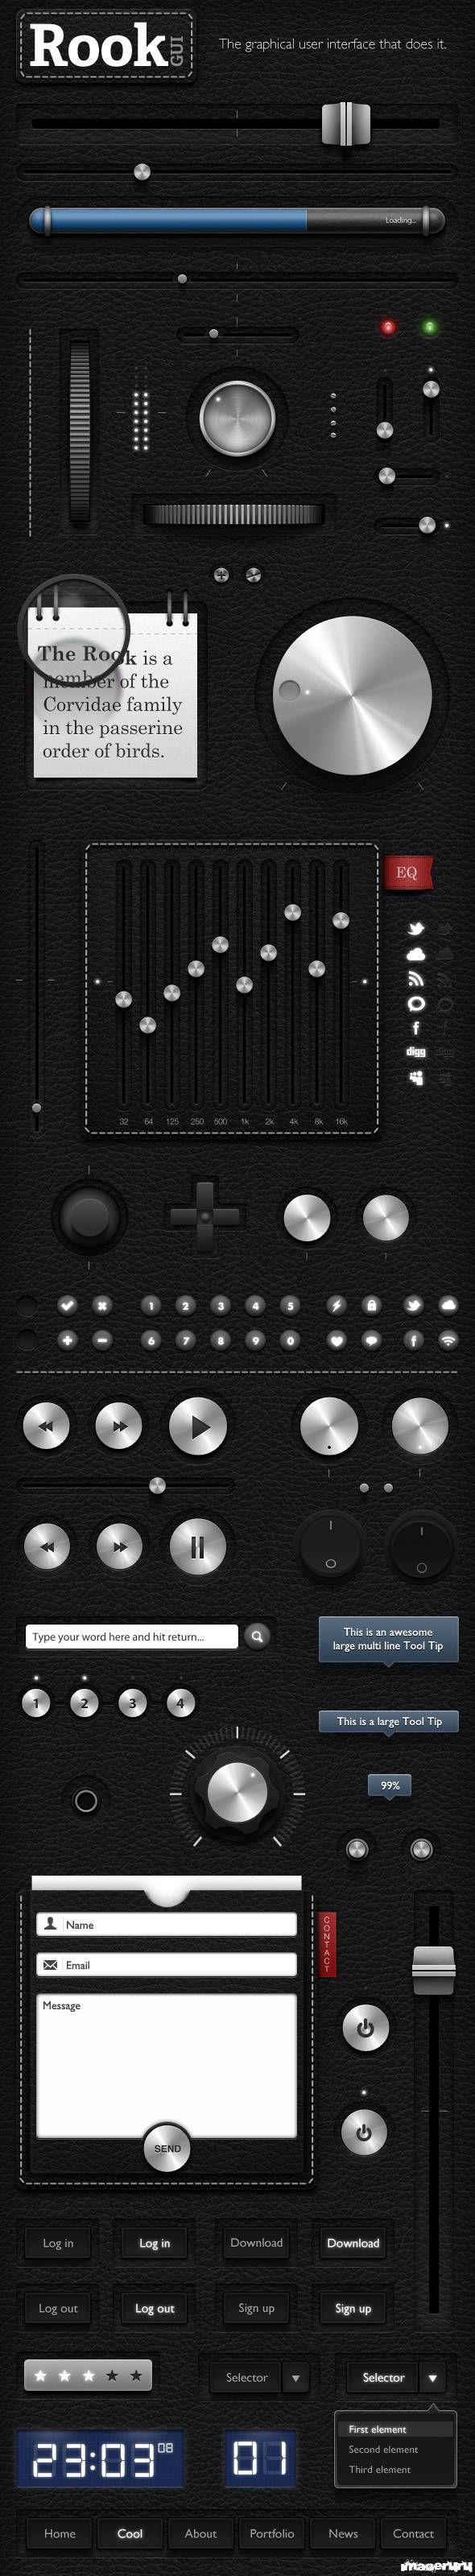 Графический интерфейс пользователя, матовый металл, кожа